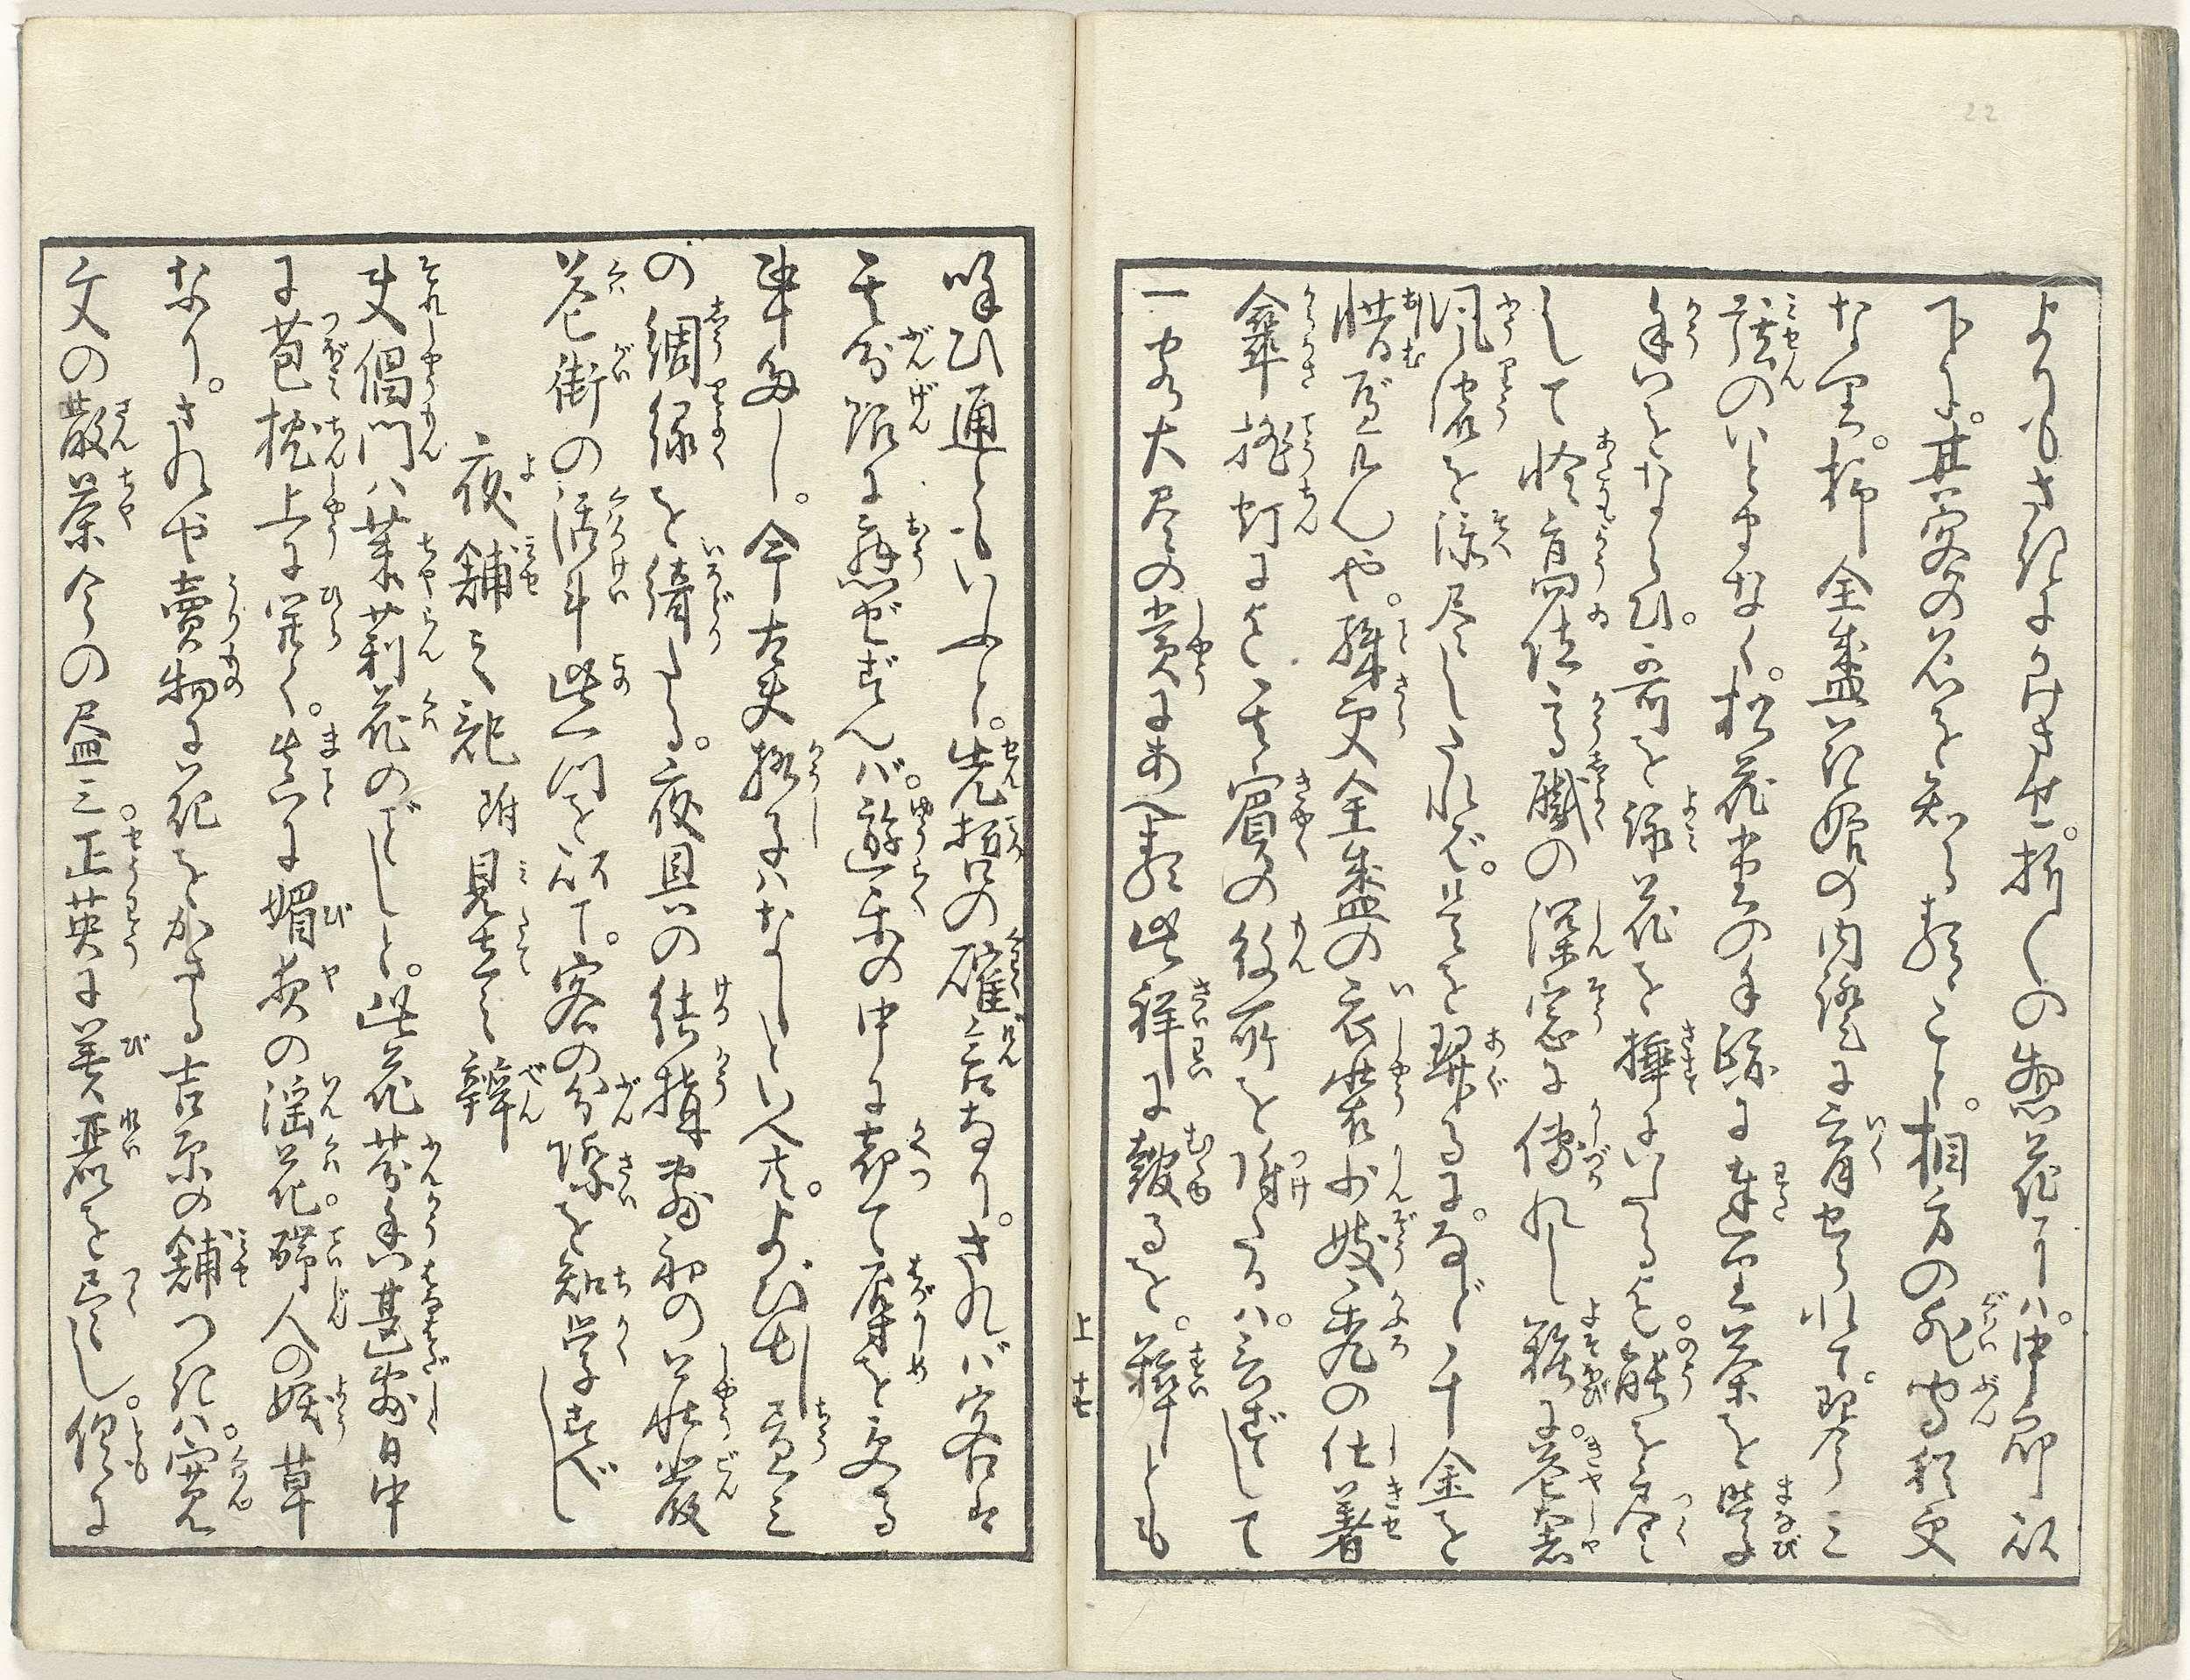 Jippensha Ikku | Tekst, Jippensha Ikku, 1804 | Pagina 42 en 43 van deel één van Utamaro`s boek: Gebeurtenissen in de lusthuizen gedurende het jaar.